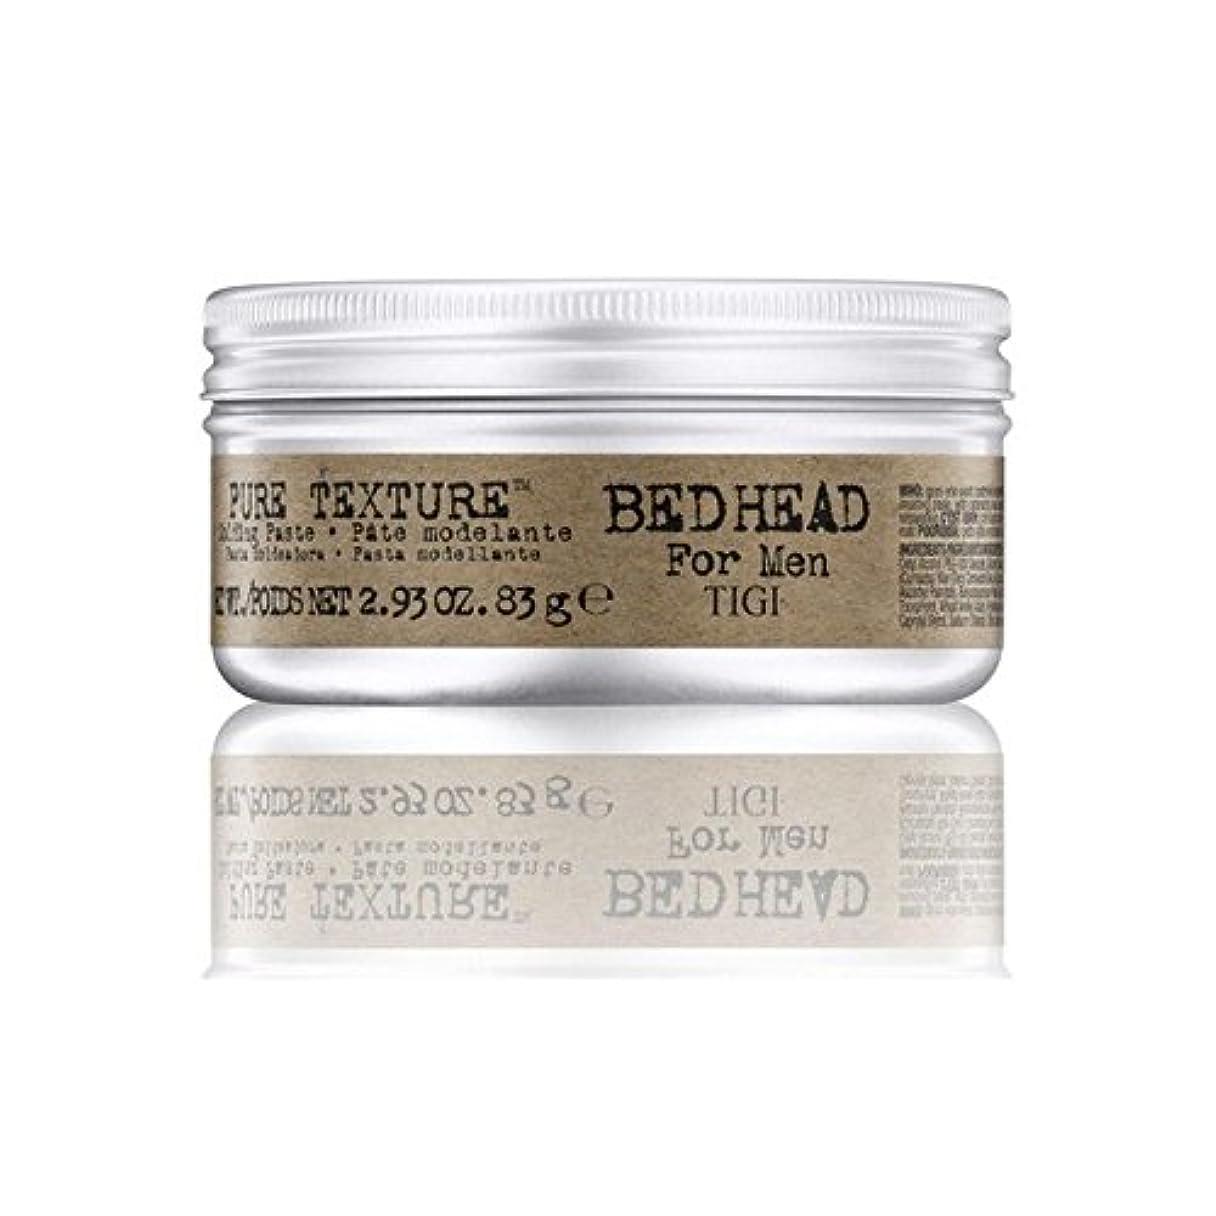 補助かみそり余暇Tigi Bed Head For Men Pure Texture Molding Paste (83G) (Pack of 6) - 男性の純粋なテクスチャーモールディングペースト(83グラム)のためのティジーベッドヘッド x6 [並行輸入品]